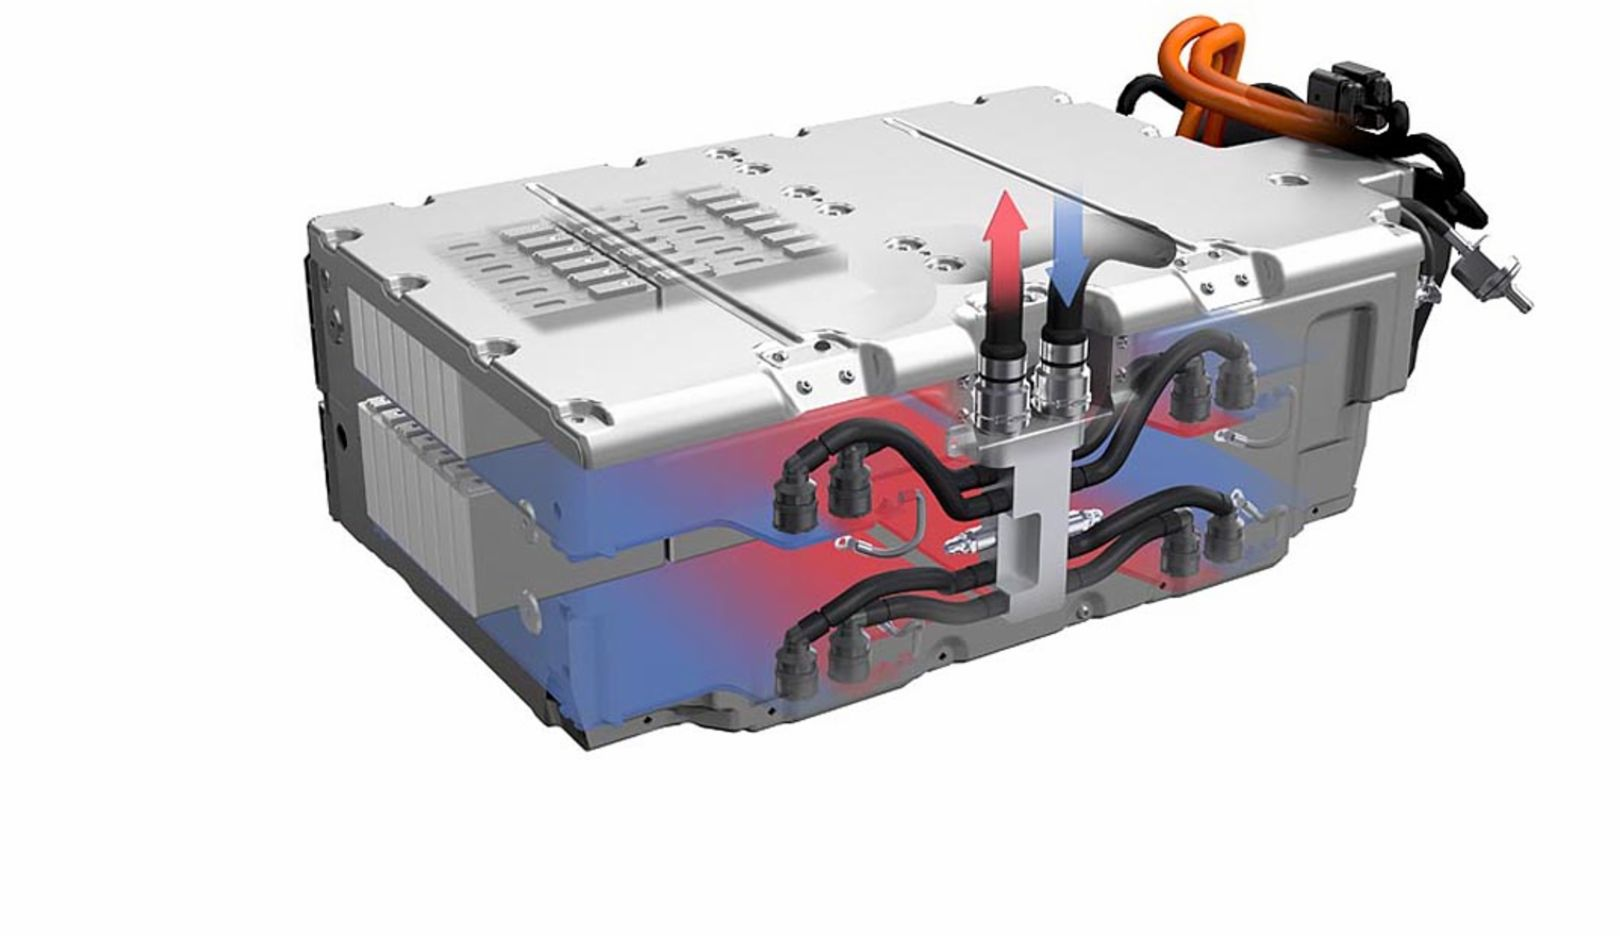 Batteriekühlung, 2014, Porsche AG